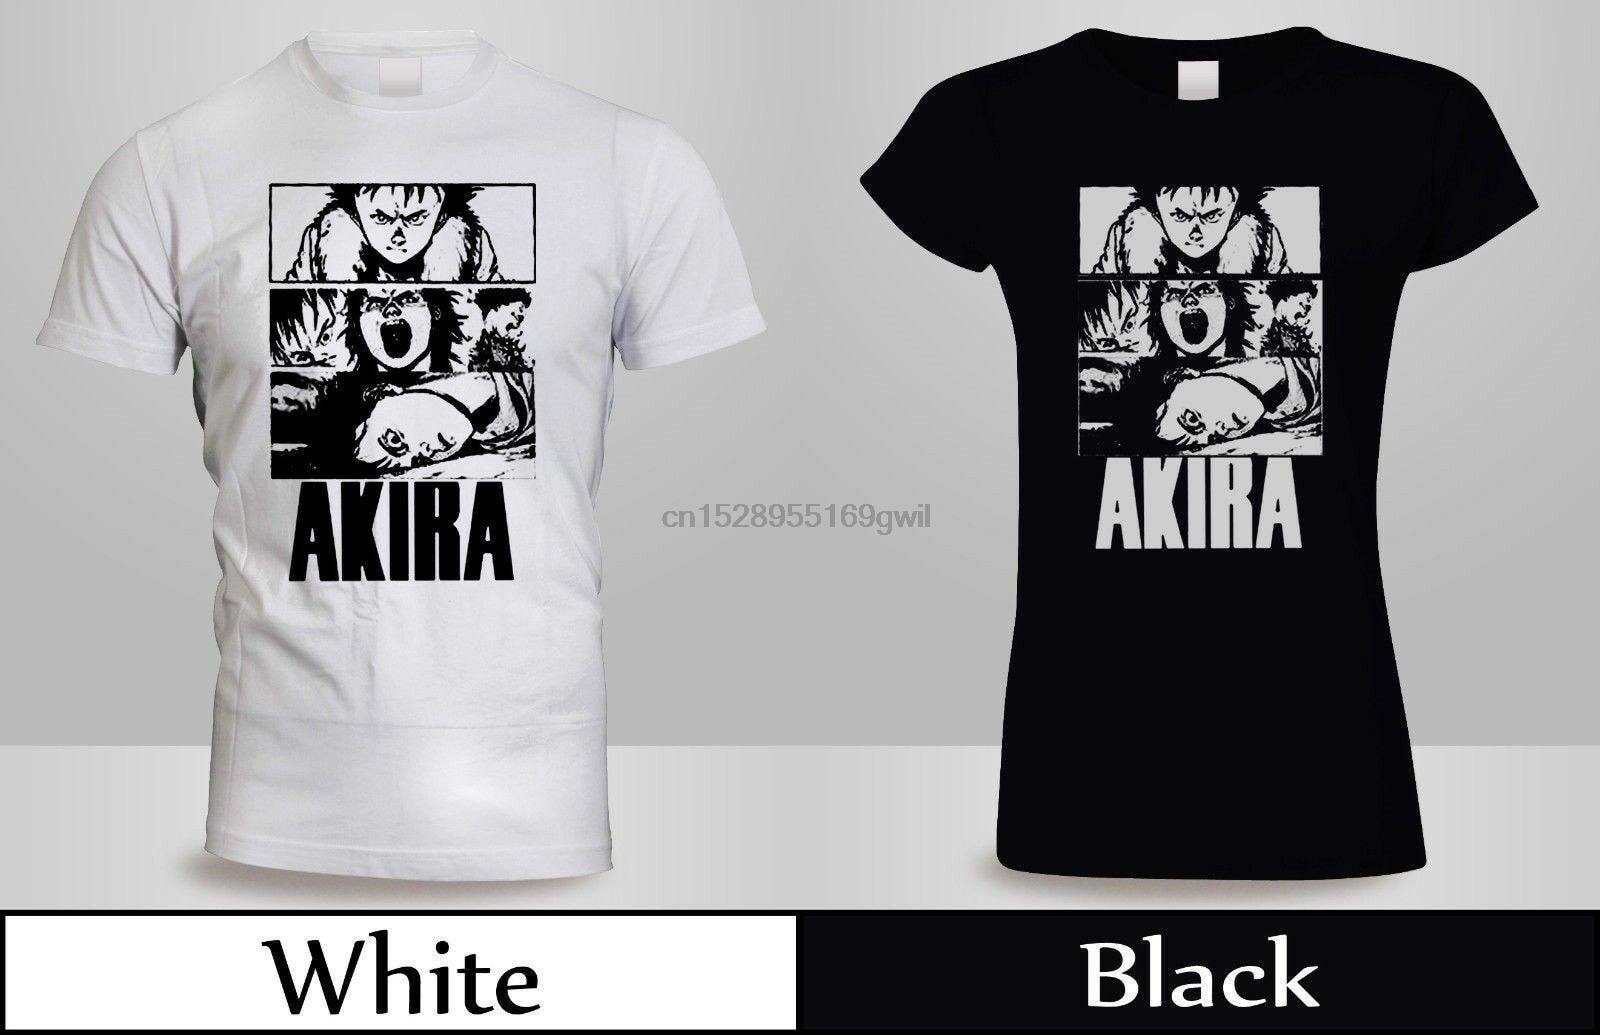 Camiseta de Akira para hombre y mujer, camisa de anime de videojuego...